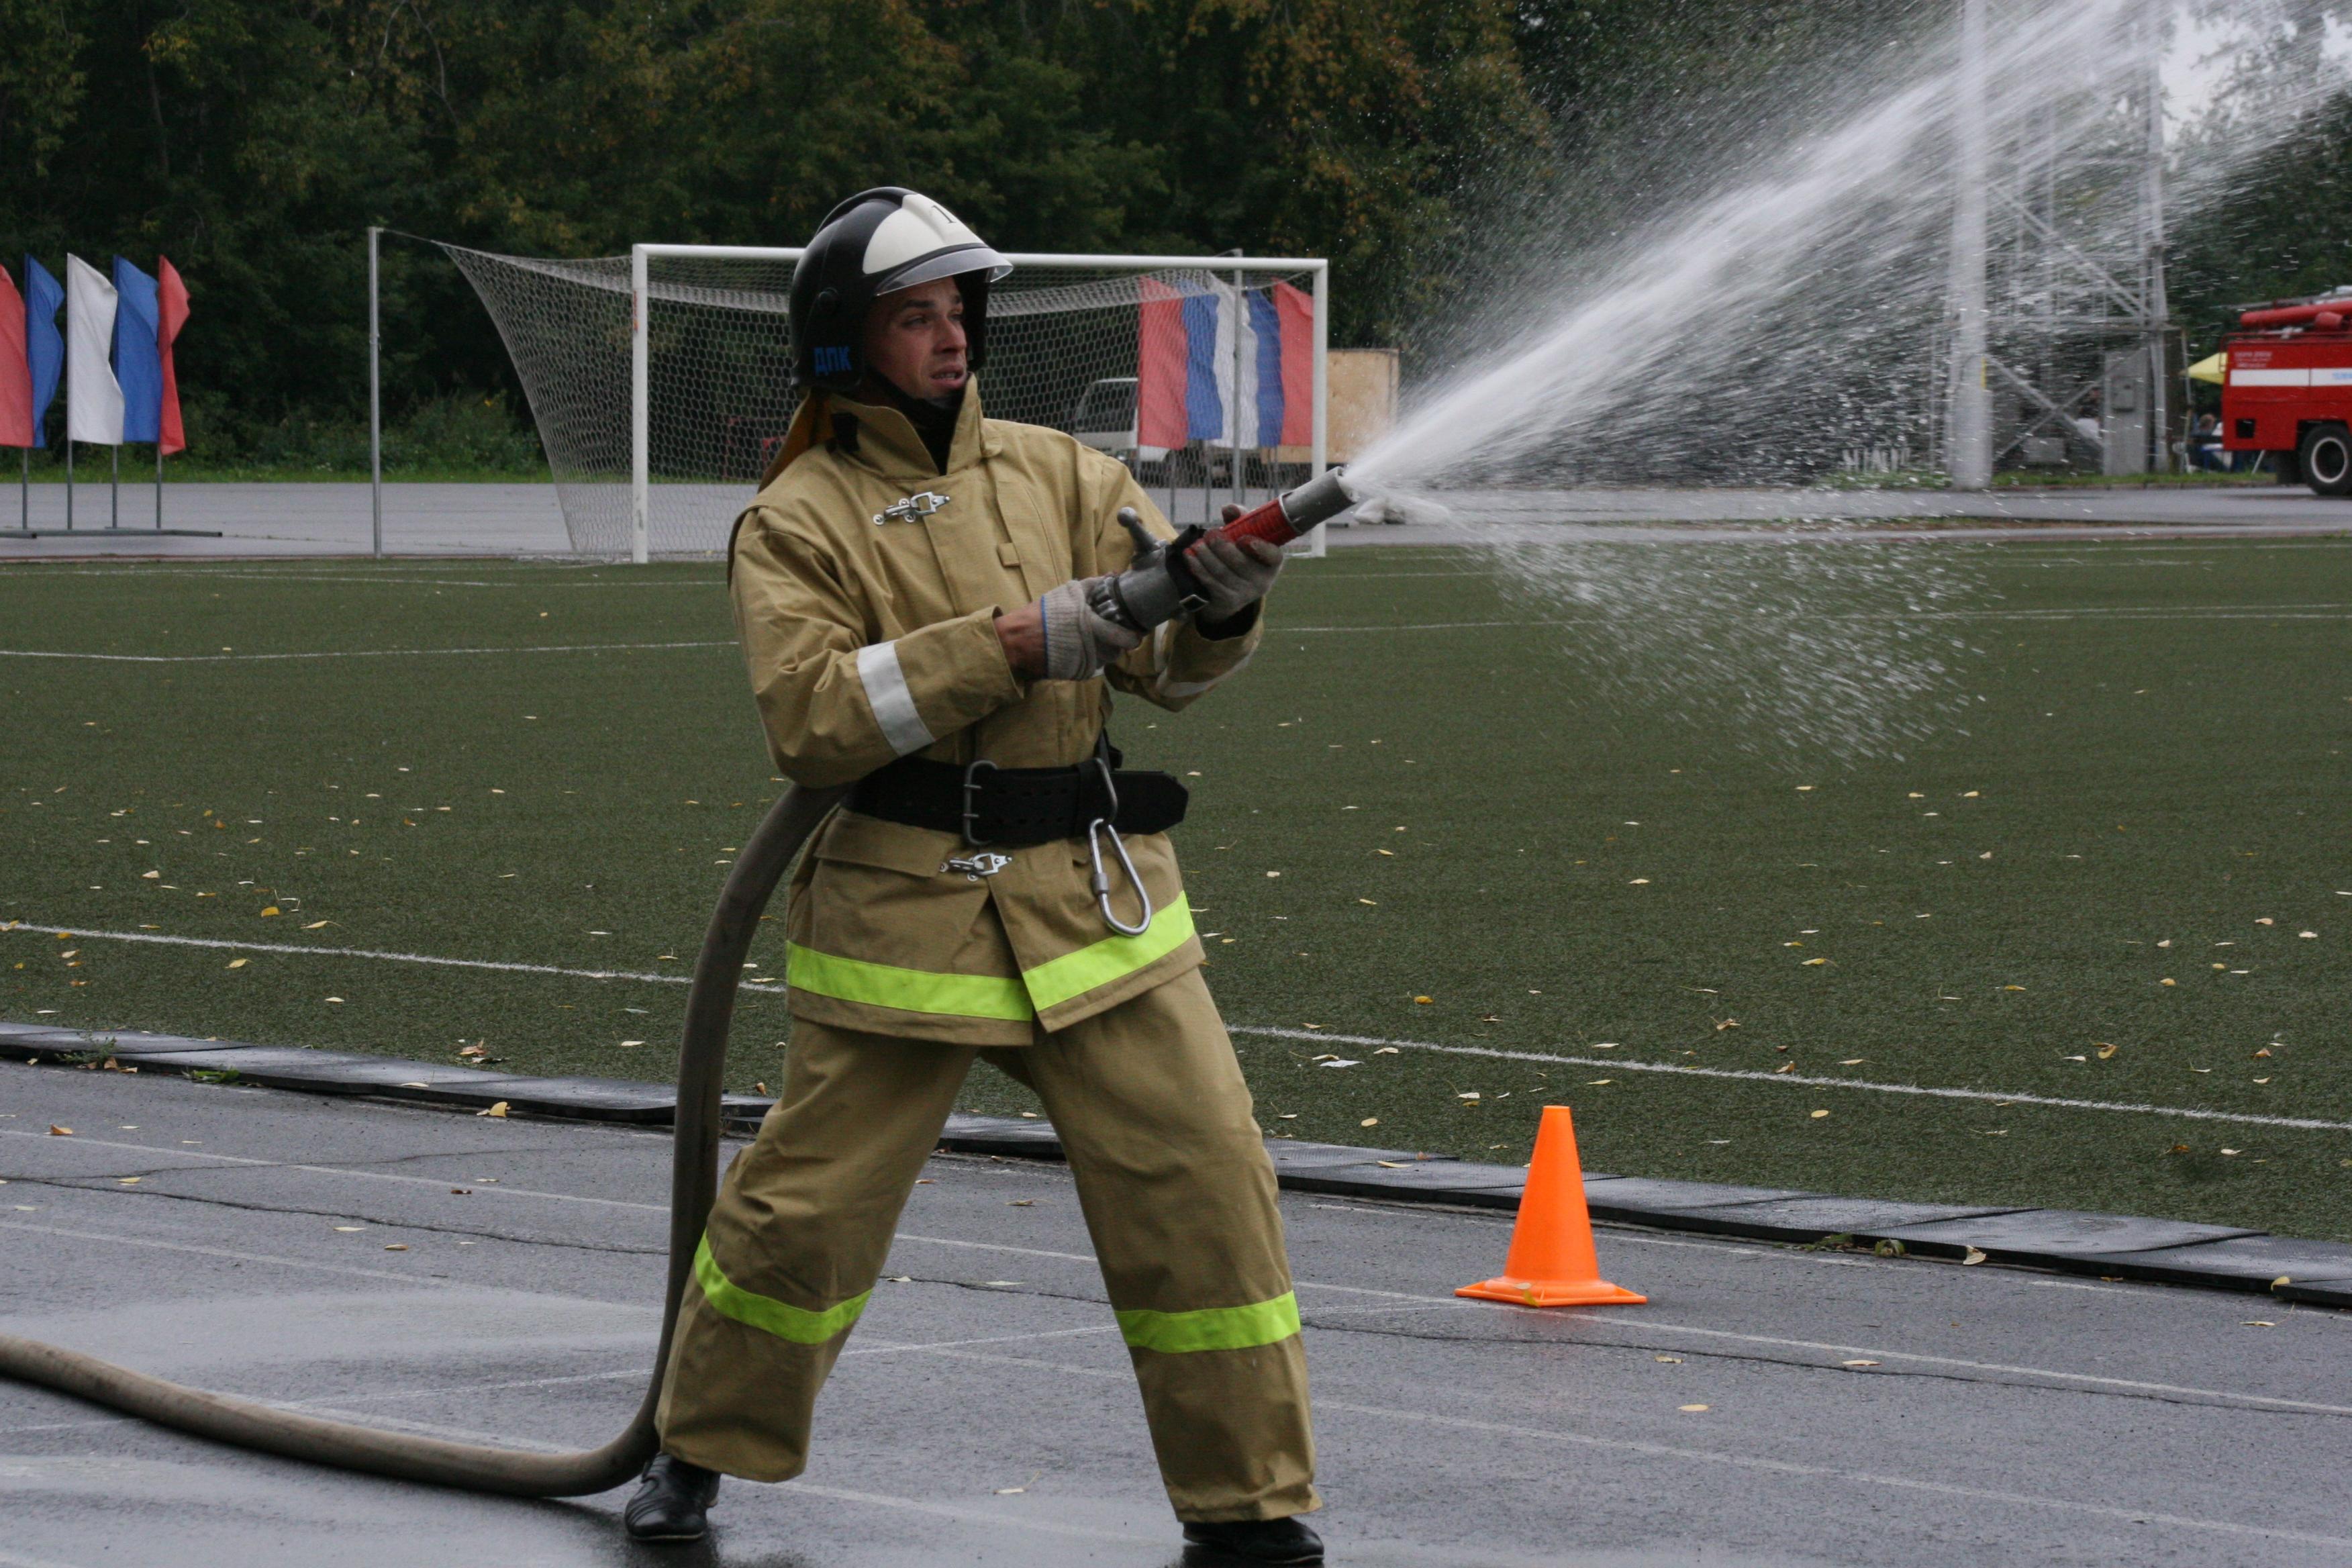 I областные соревнования ДПК, в рамках смотра-конкурса добровольных пожарных формирований Кемеровской области